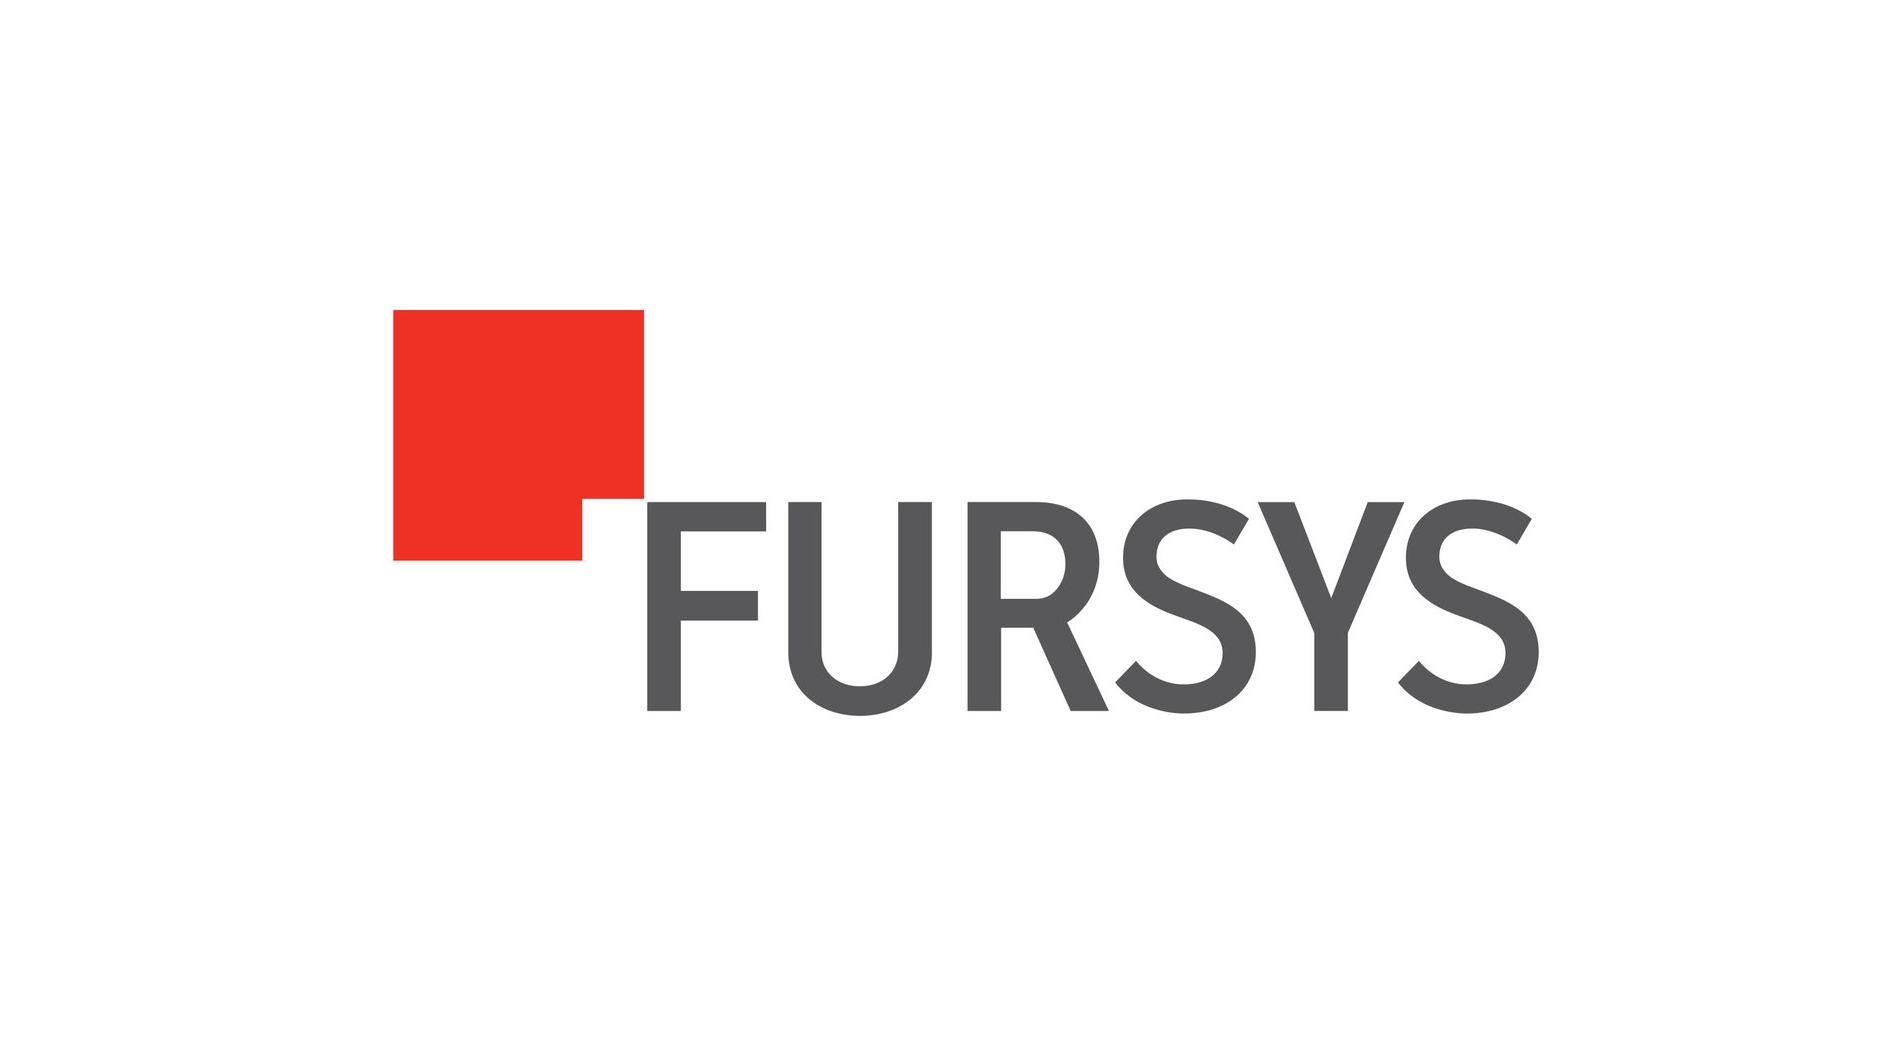 fursys_logo.jpg